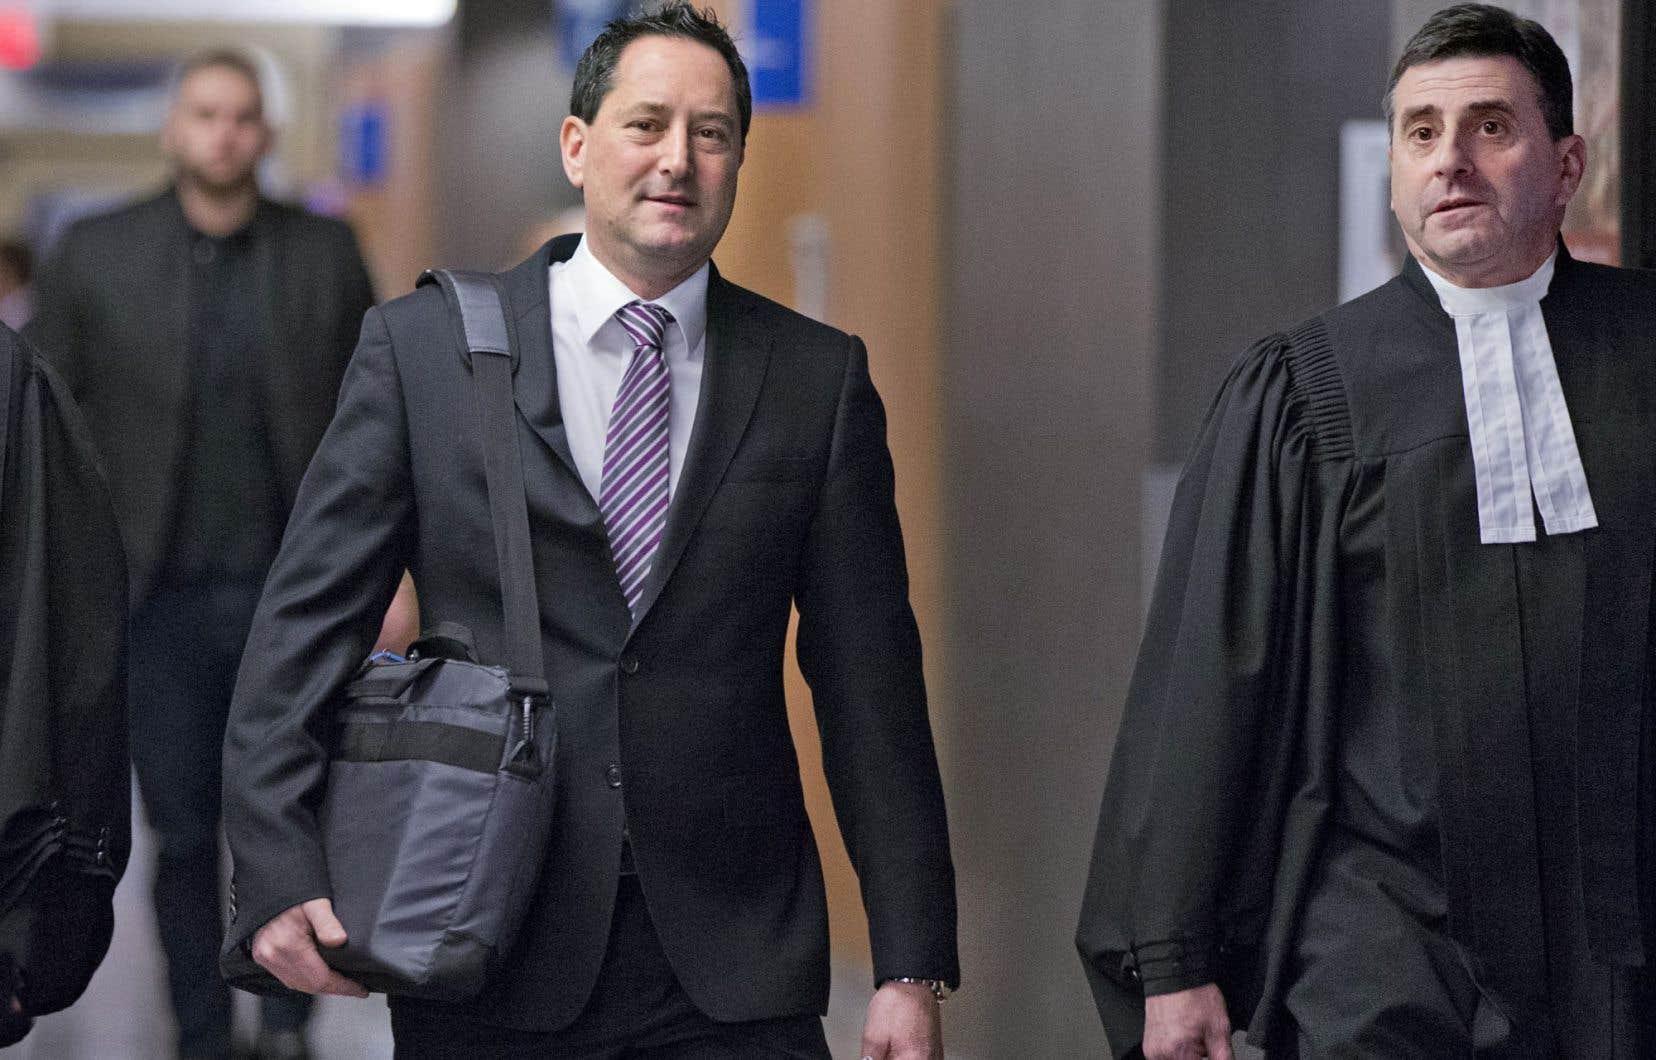 Le procès de Michael Applebaum, que l'on voit ici en compagnie de son avocat, a débuté lundi.